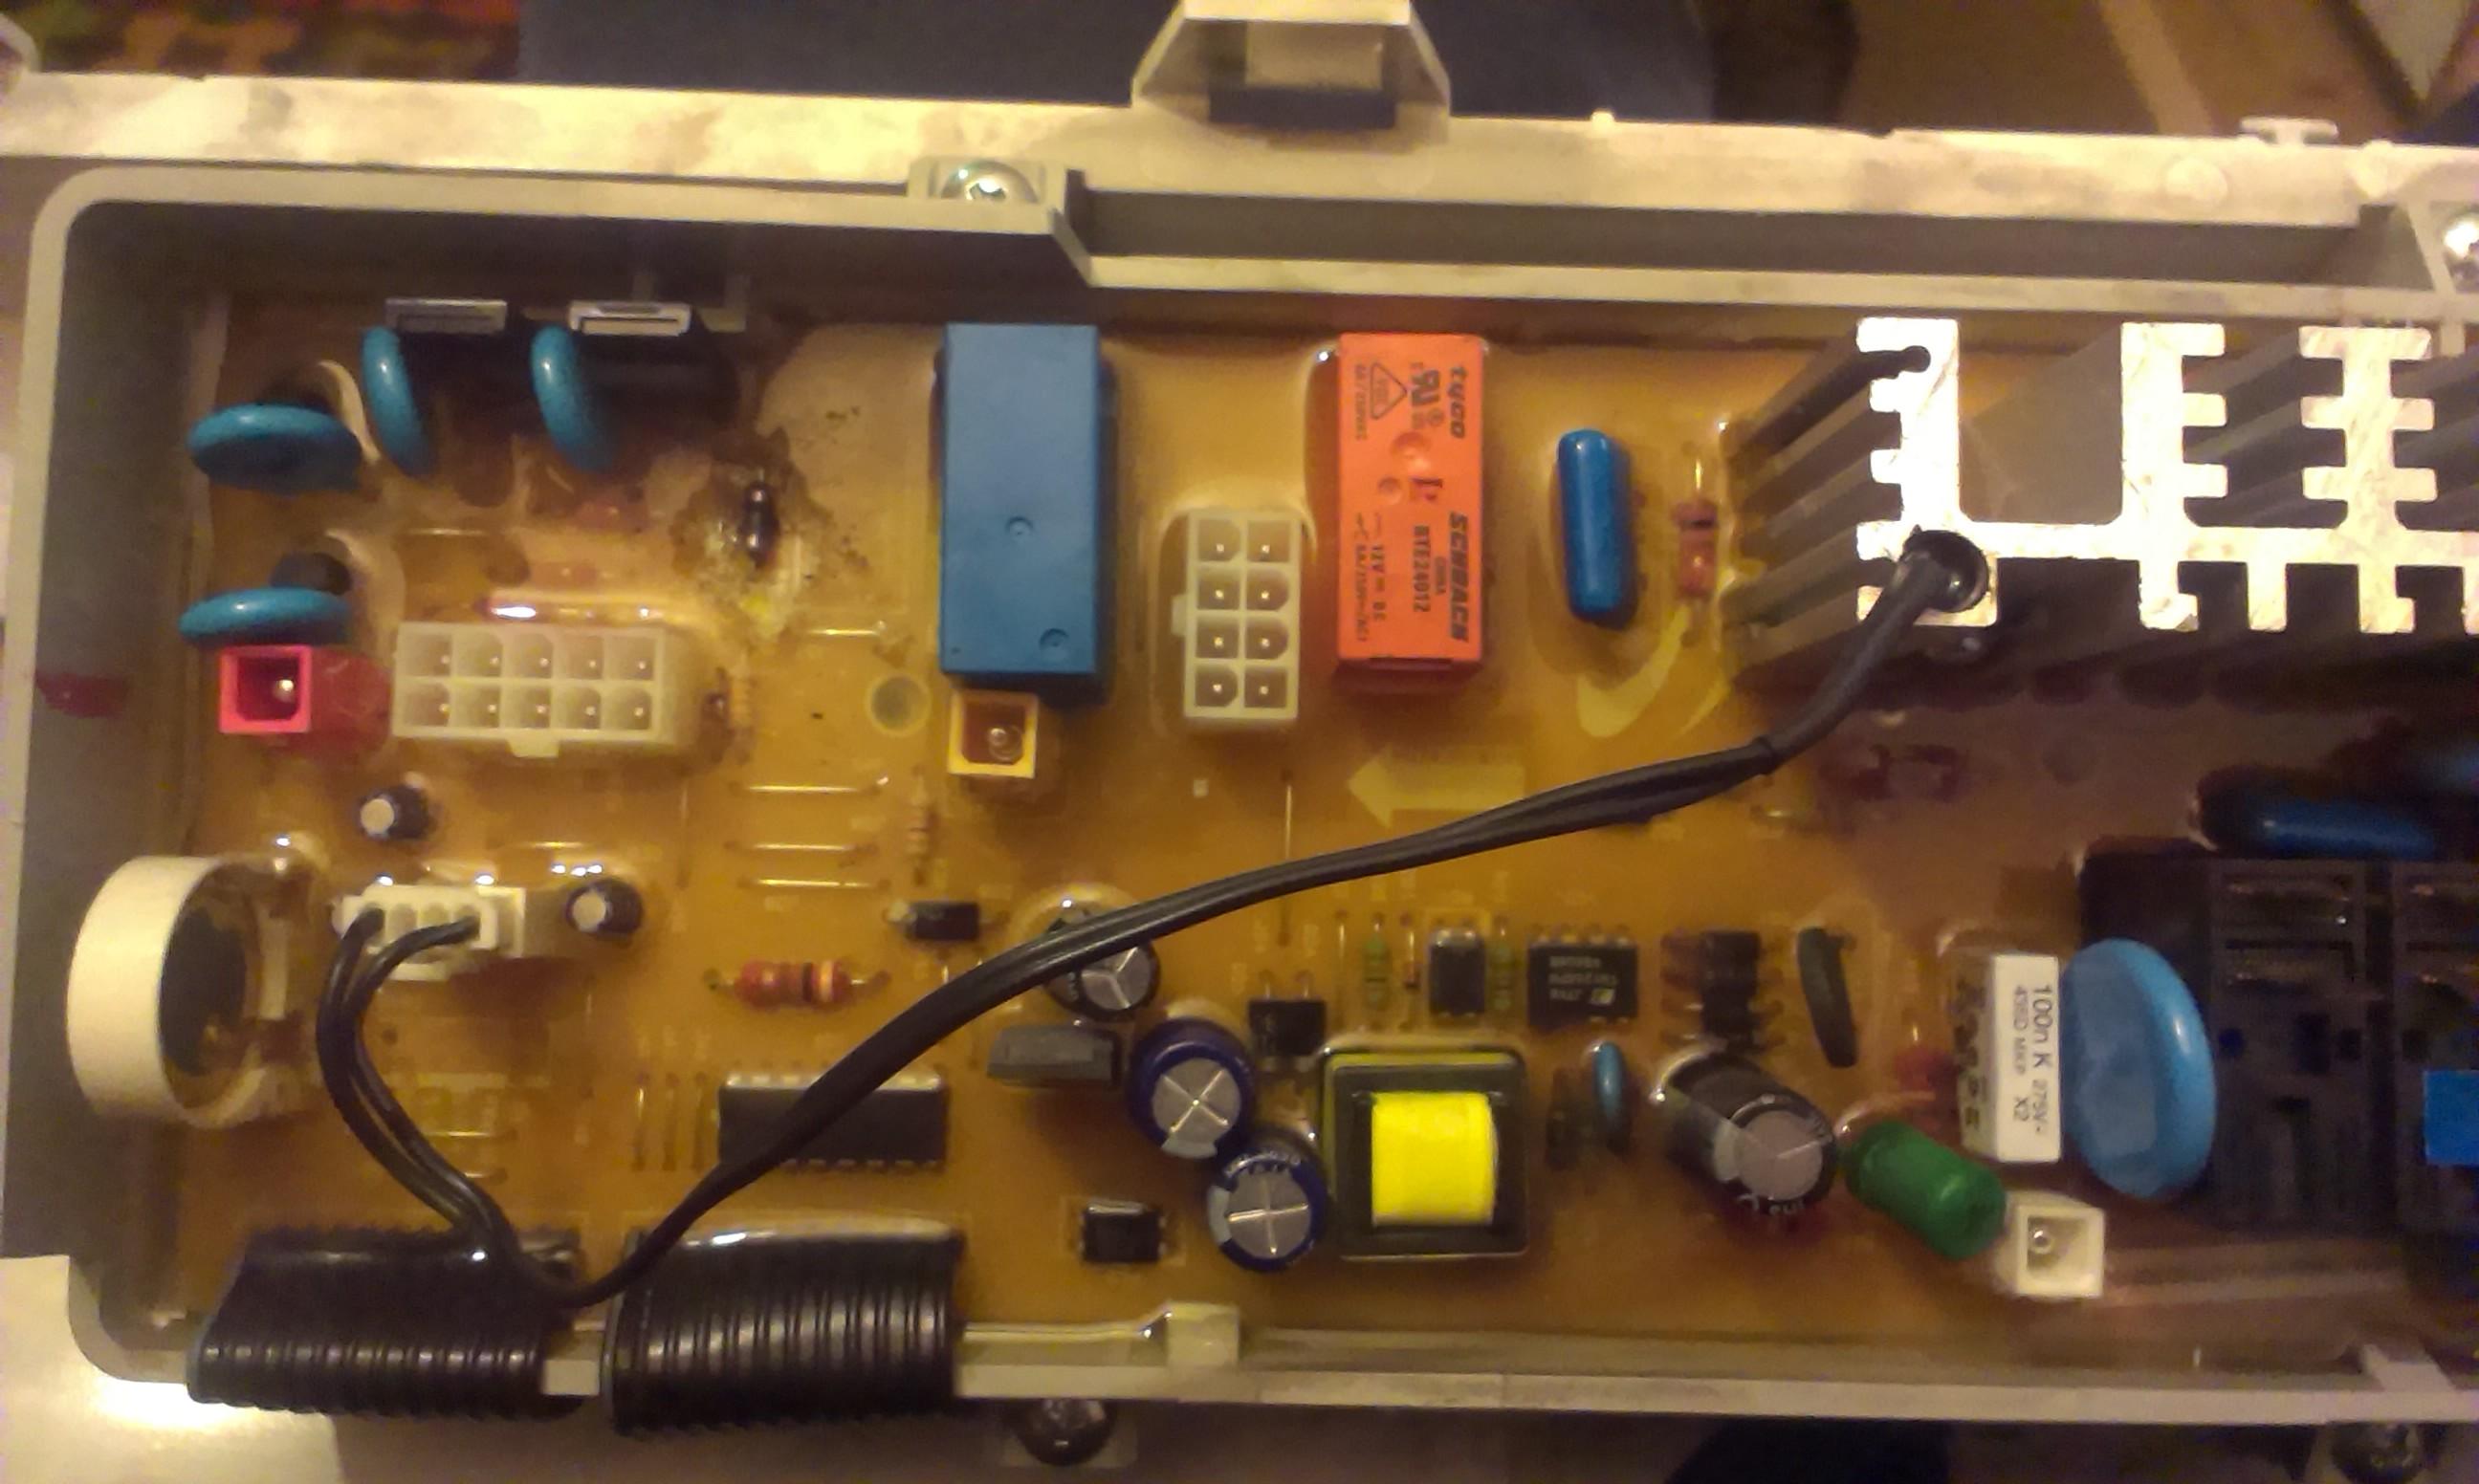 Pralka WF-B1262 programator - oznaczenia na rezystorze R42